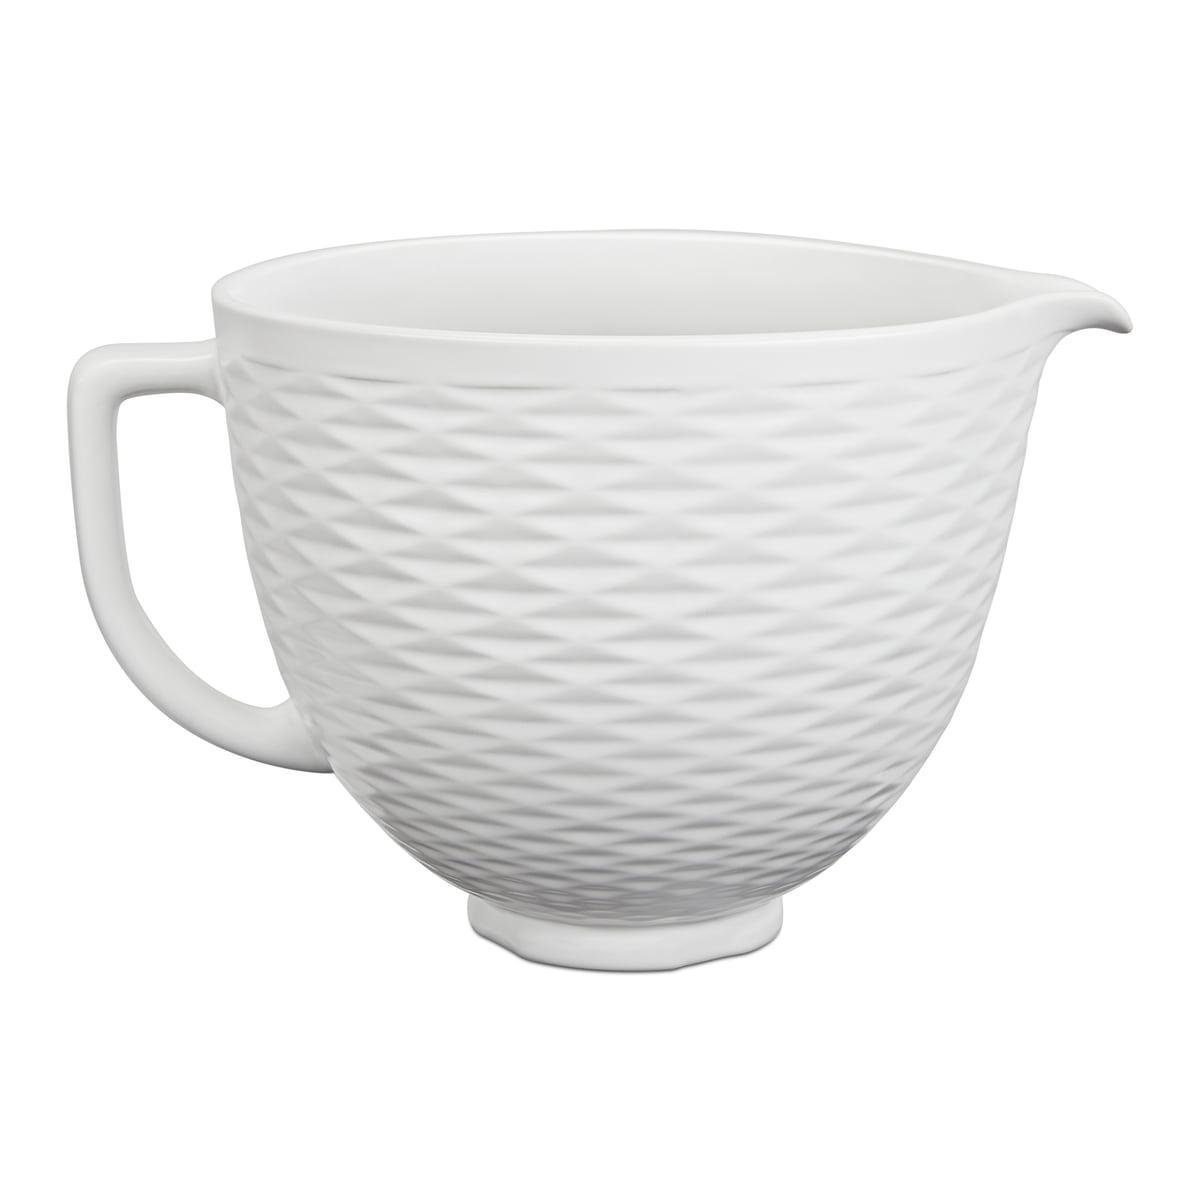 Kitchen Aid KitchenAid - Keramische Schüssel für Küchenmaschine Artisan 4.3 l und 4.8 l, weiß strukturiert   Küche und Esszimmer > Küchengeräte > Rührgeräte und Mixer   Weiß   Keramik   Kitchen Aid